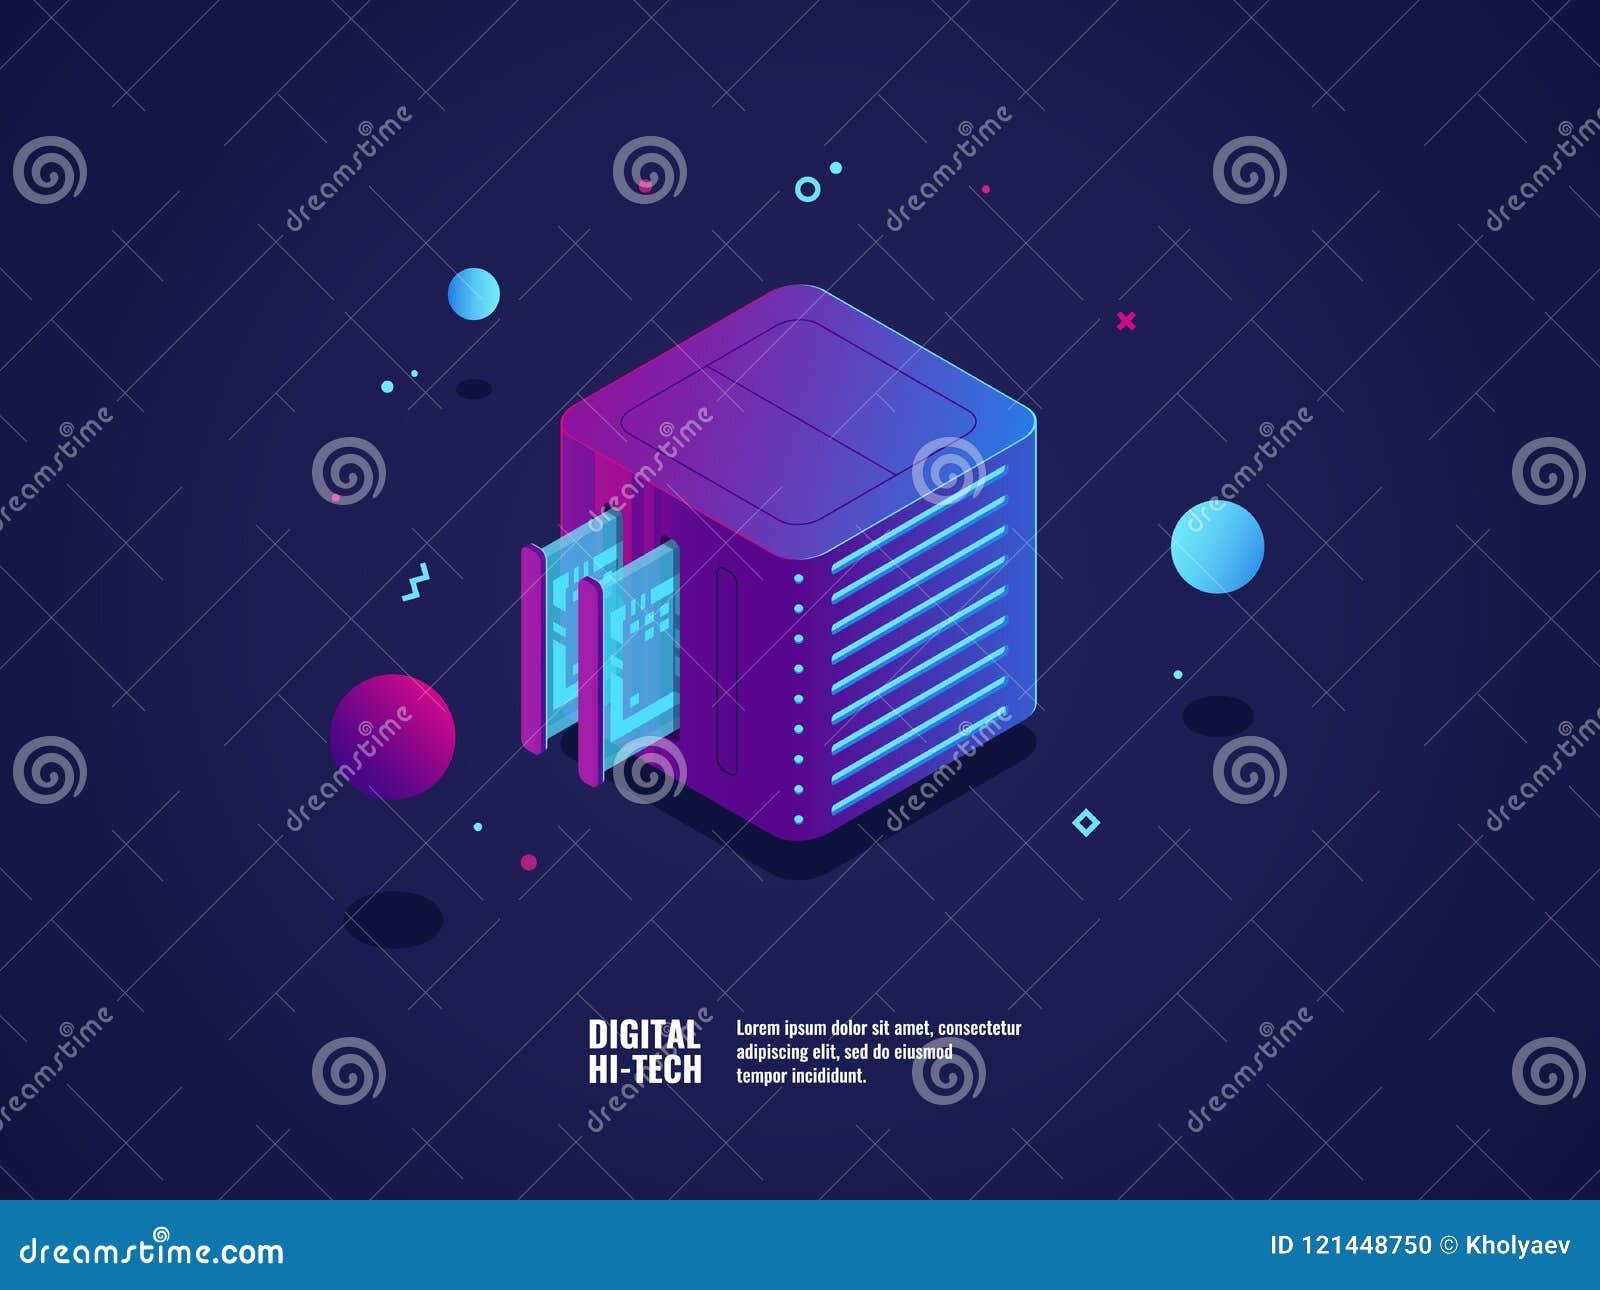 Φιλοξενία Ιστού και εικονικό εικονίδιο δωματίων κεντρικών υπολογιστών, datacenter και αποθήκευση σύννεφων βάσεων δεδομένων, αυλάκ